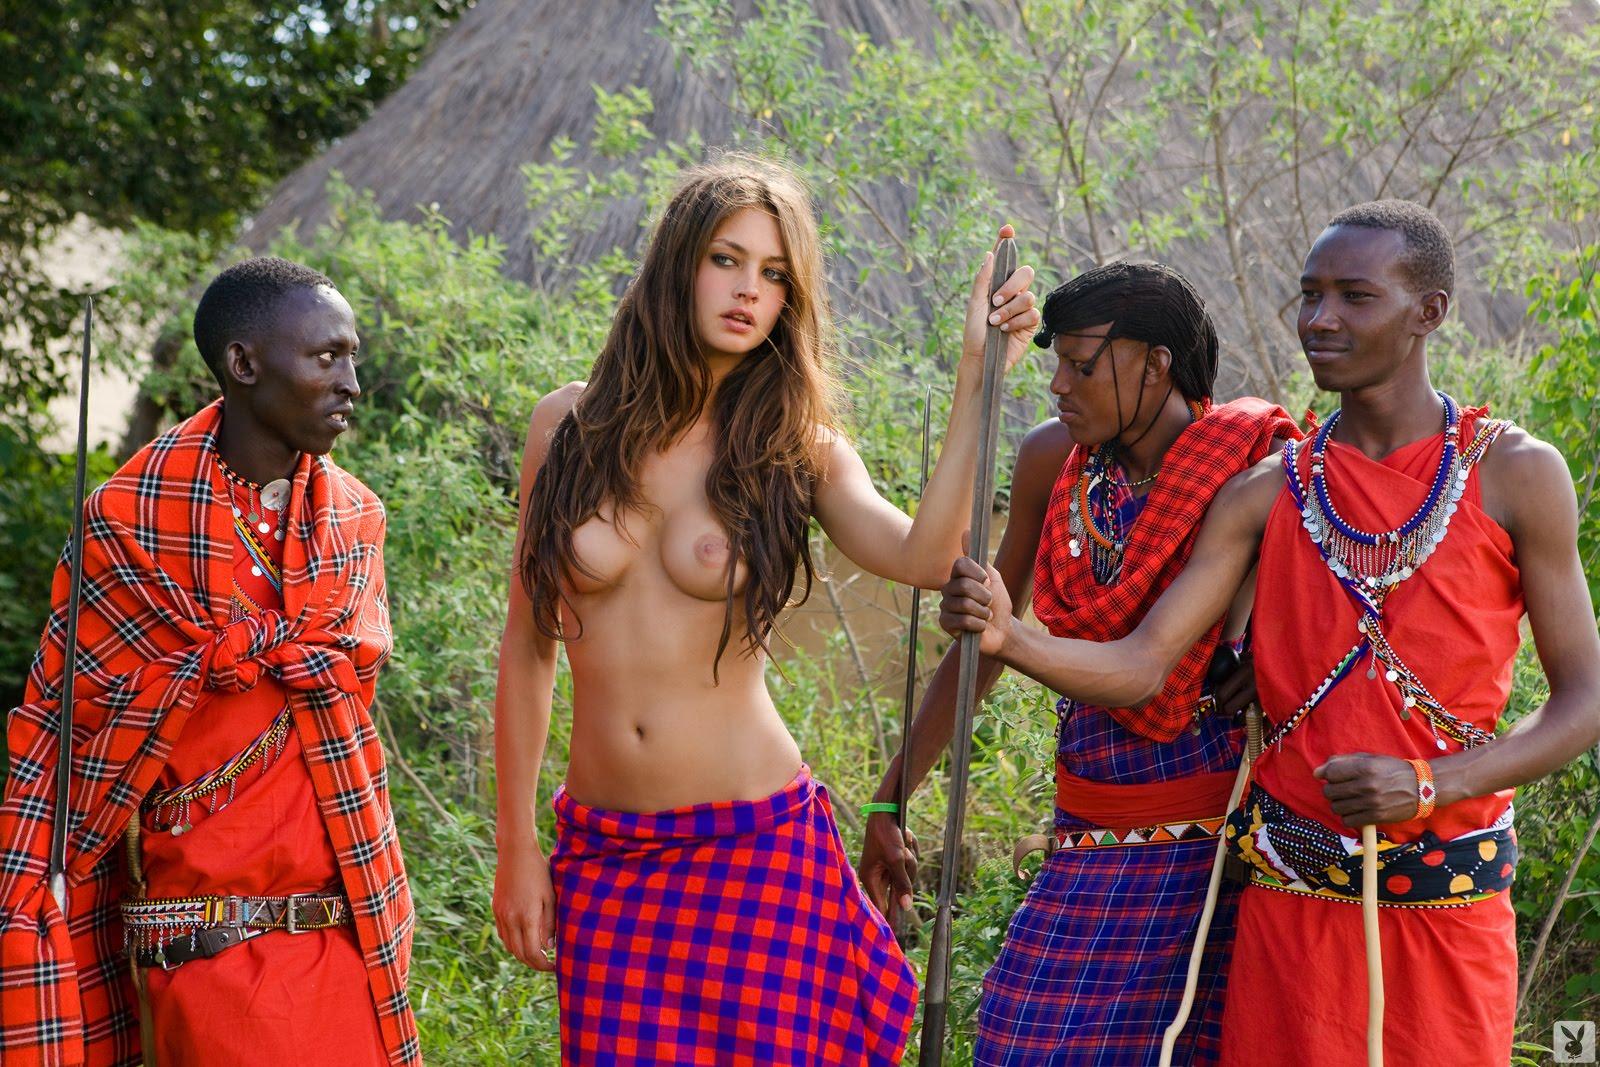 seks-v-afrikanskih-stranah